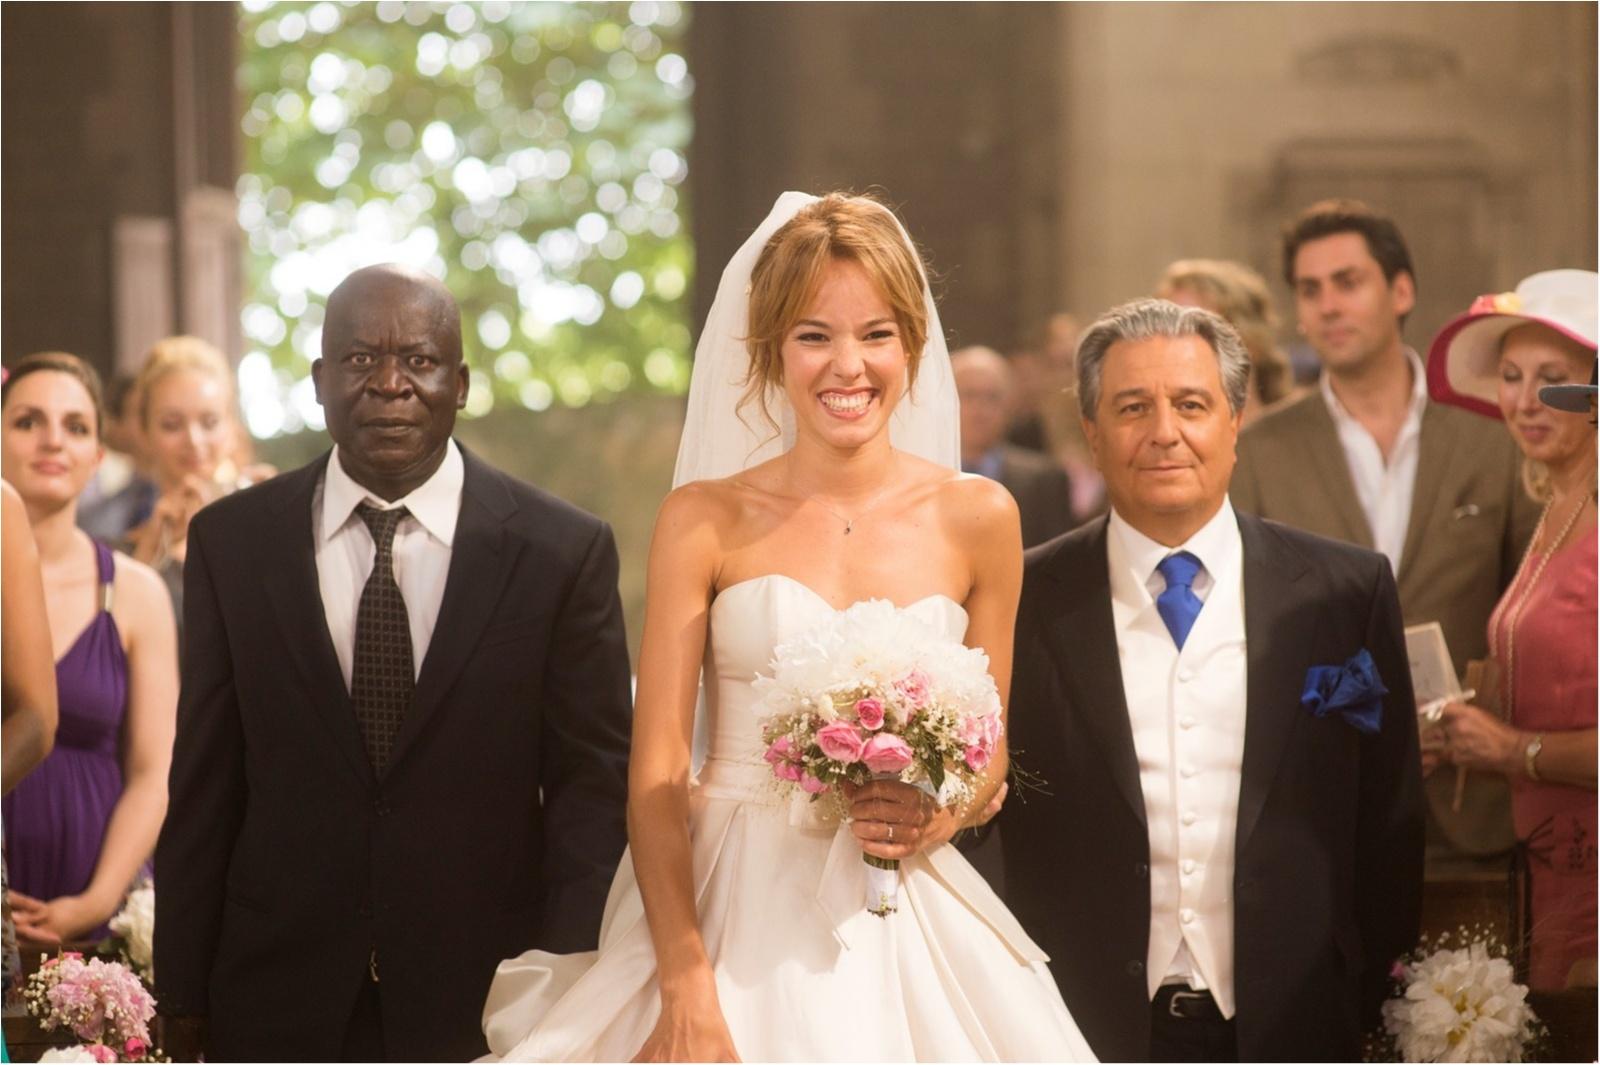 娘の結婚相手が全員外国人!? フランスで大ヒットしたコメディ映画『最高の花婿』_1